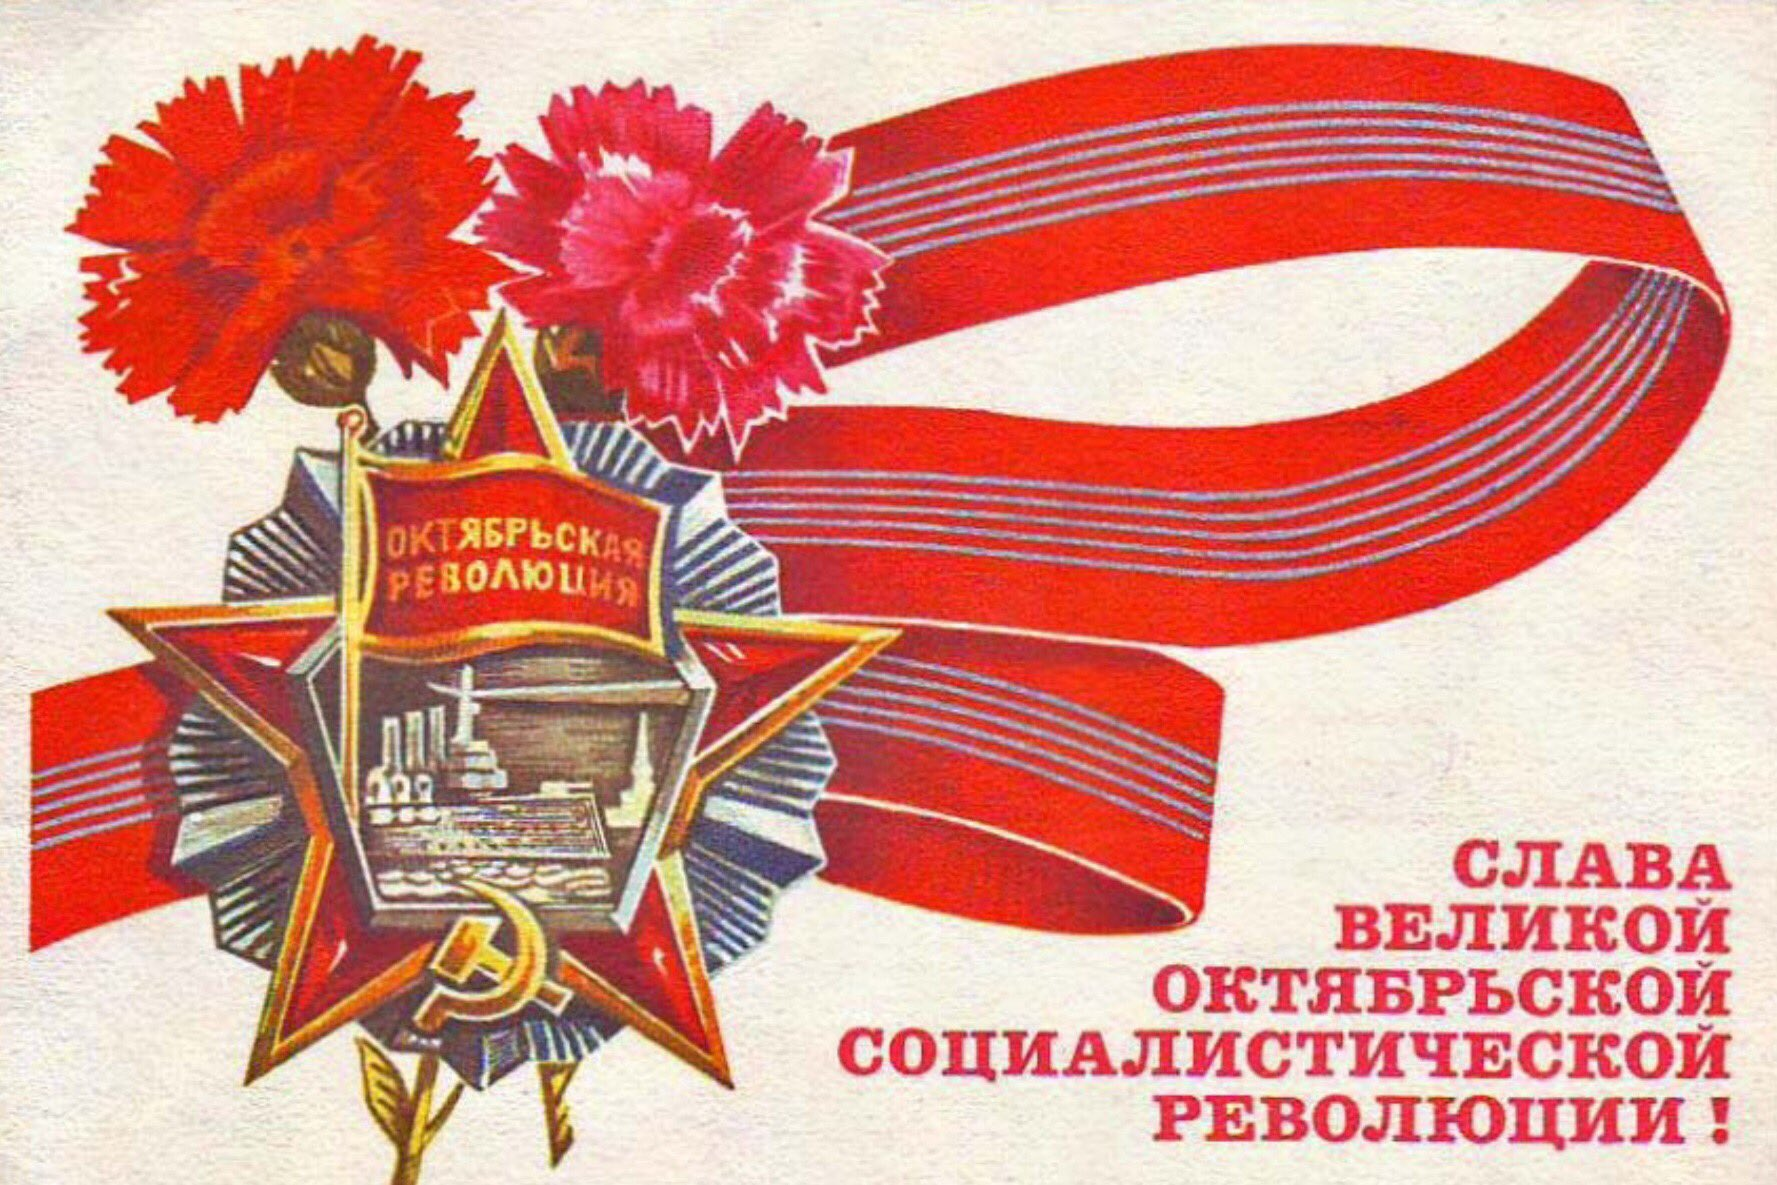 Демон картинки, открытка ко дню октябрьской революции